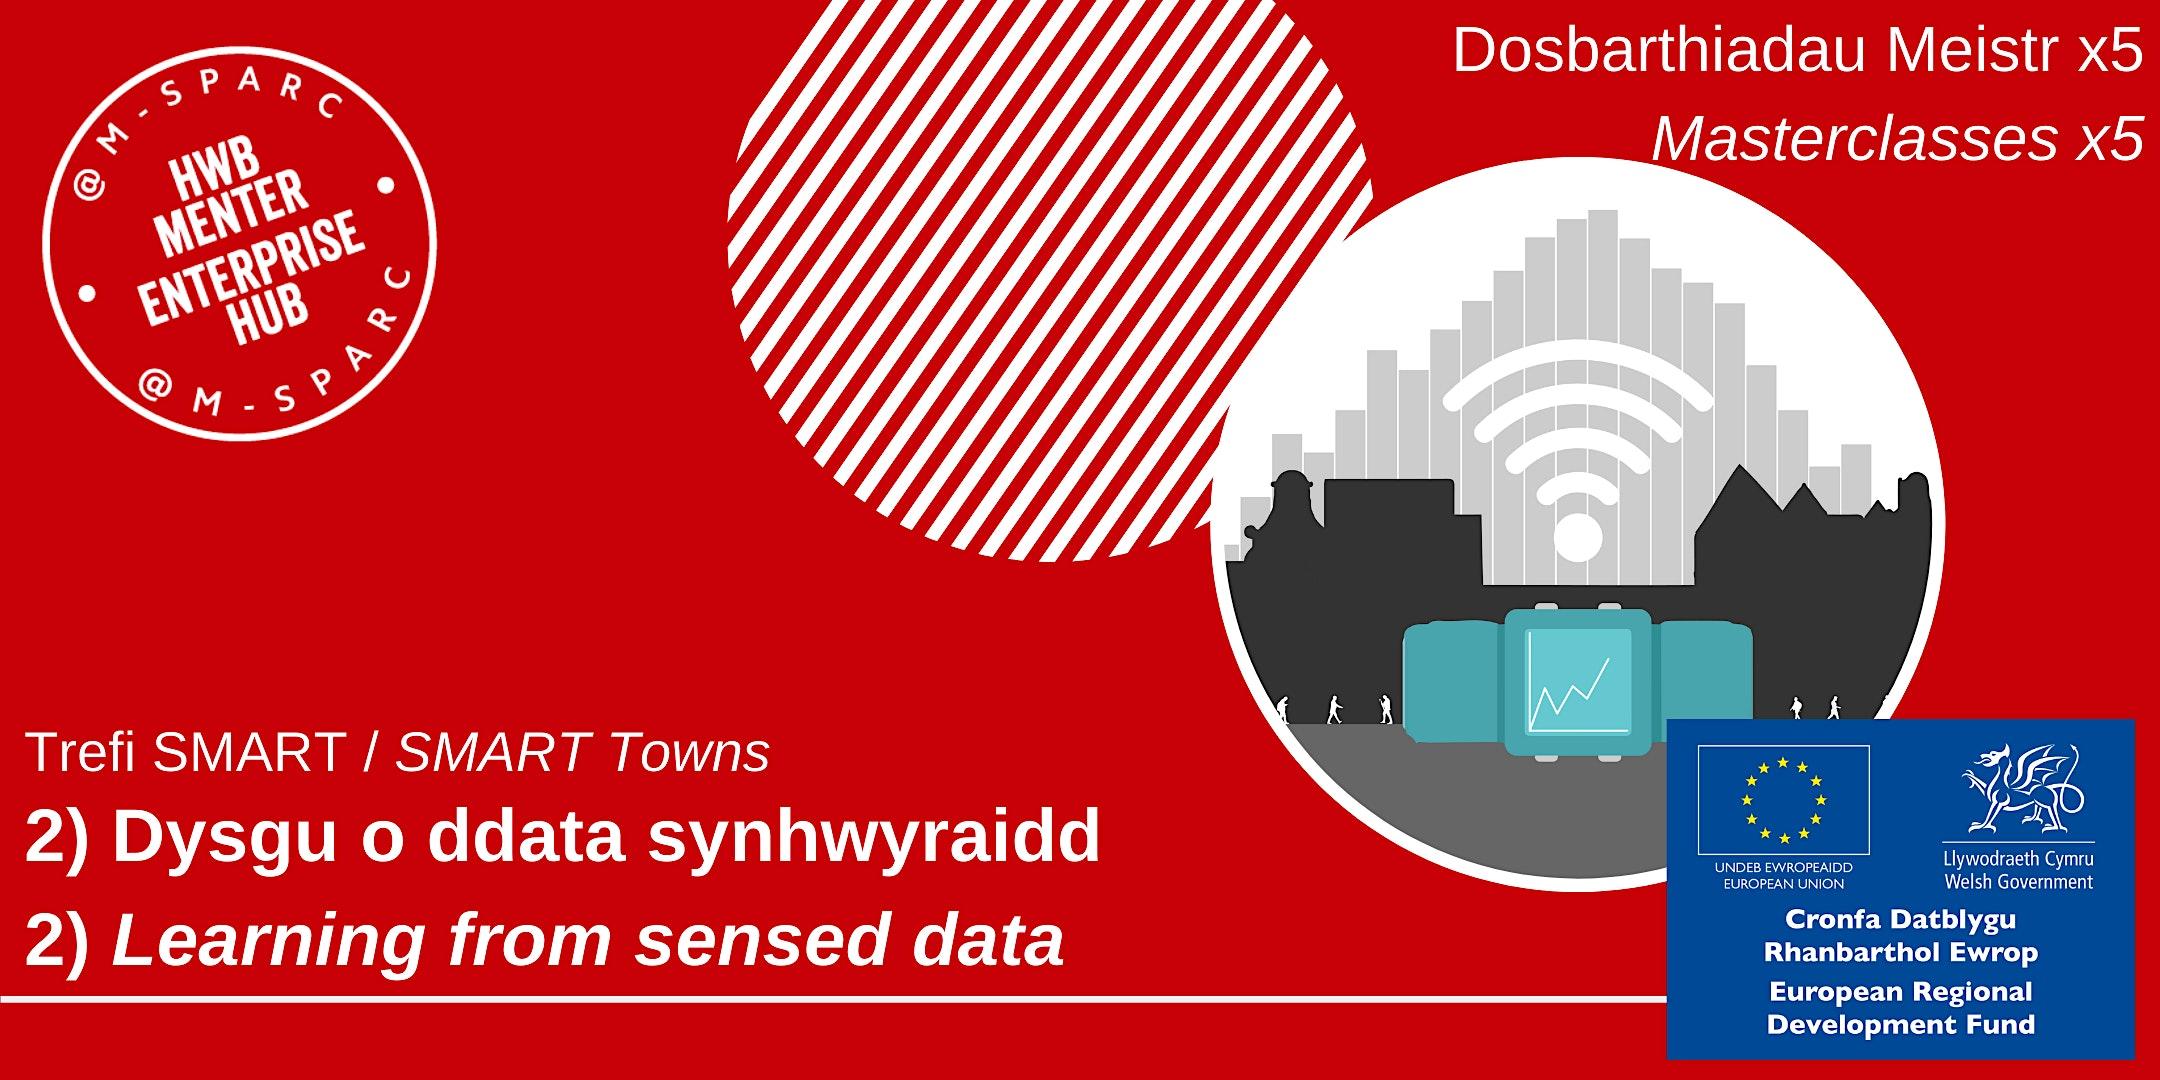 Trefi SMART-Dysgu o ddata synhwyraidd/SMART Towns-Learning from sensed data